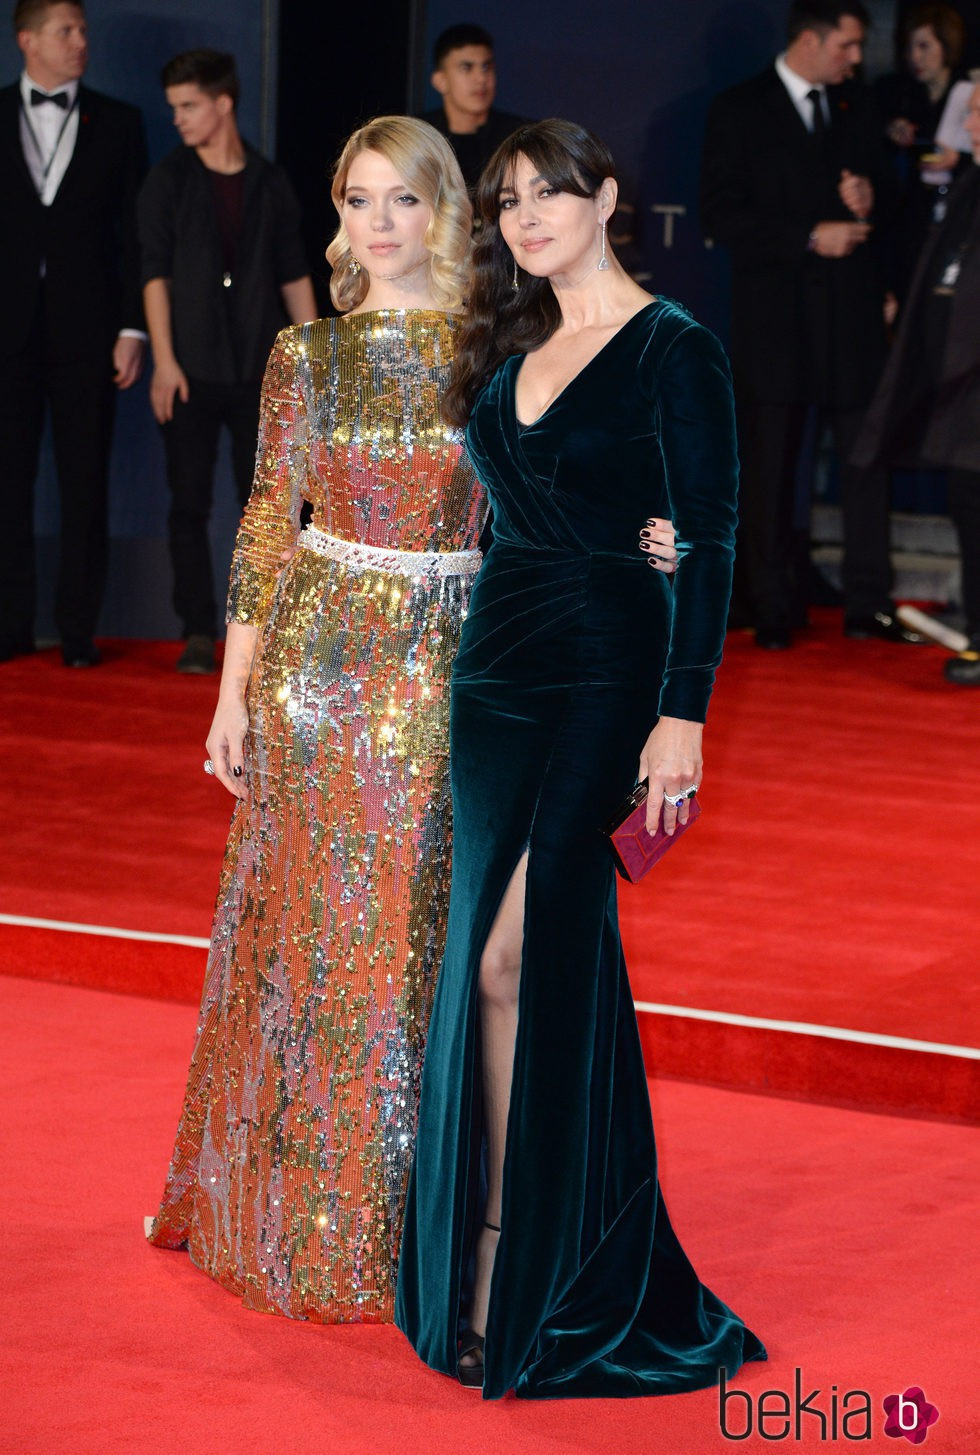 Léa Seydoux y Monica Bellucci en el estreno de 'Spectre' en Londres